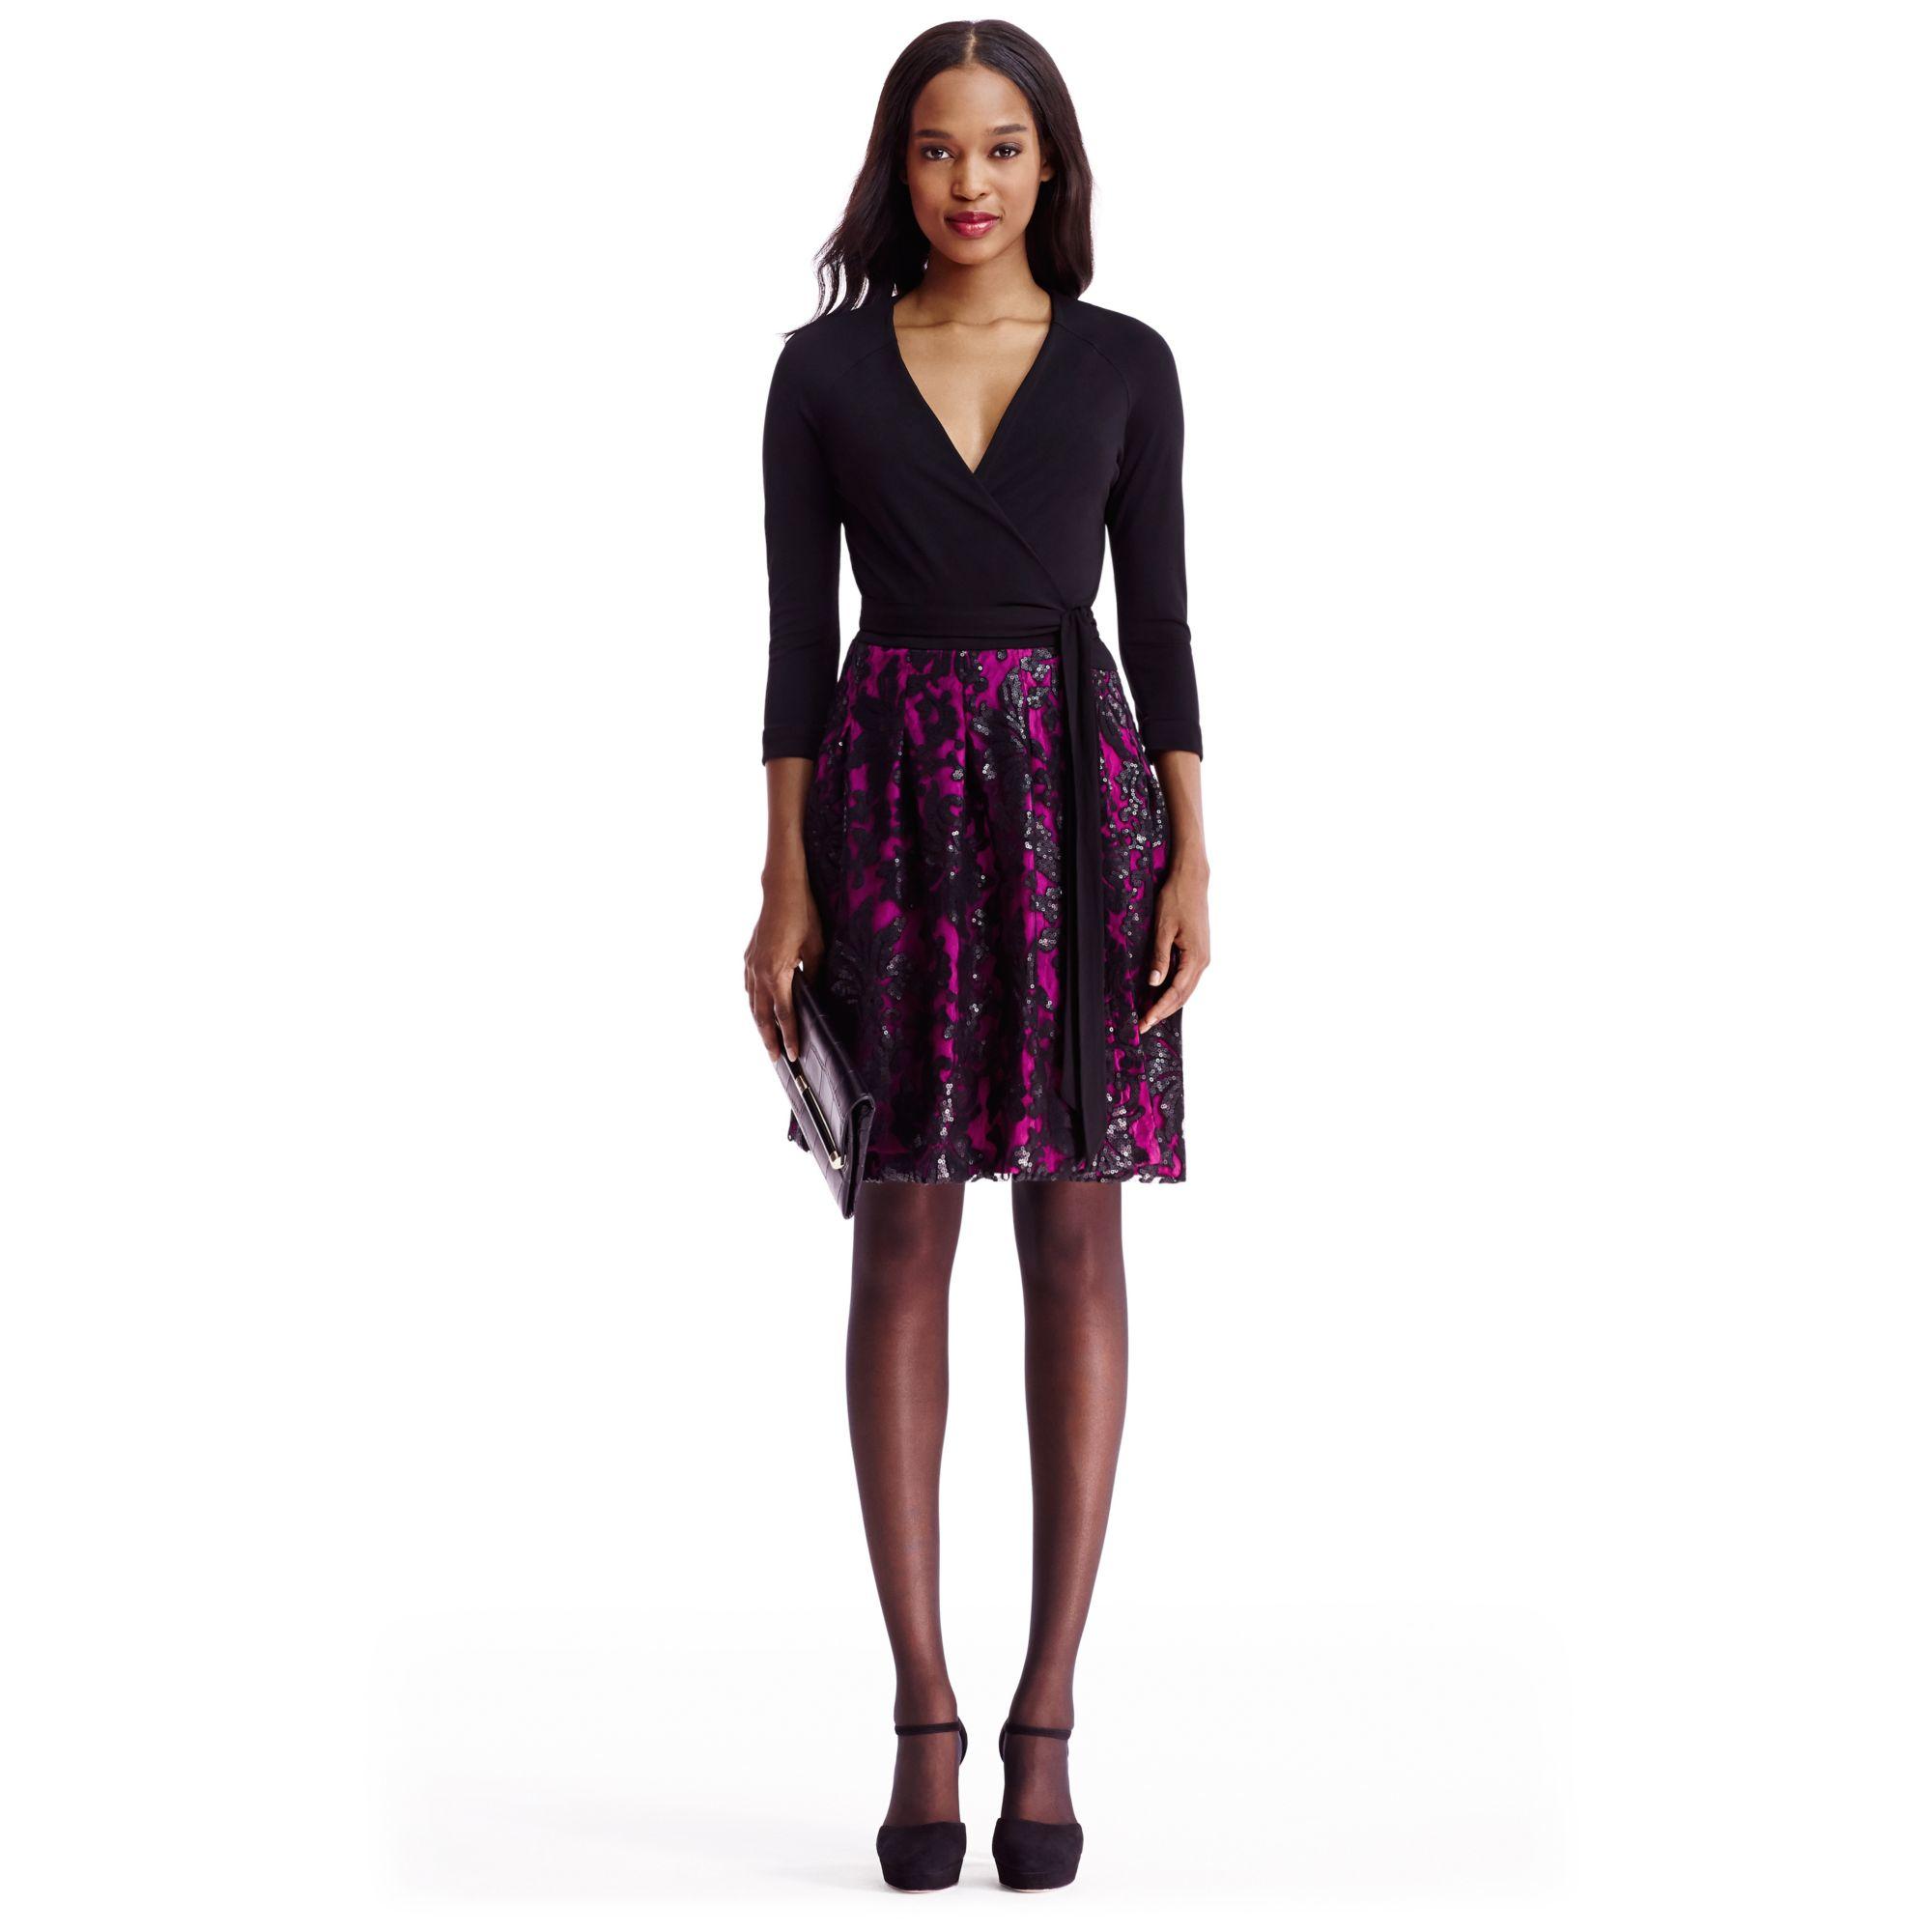 Diane von furstenberg Dvf Jewel Embellished Wrap Dress | Lyst